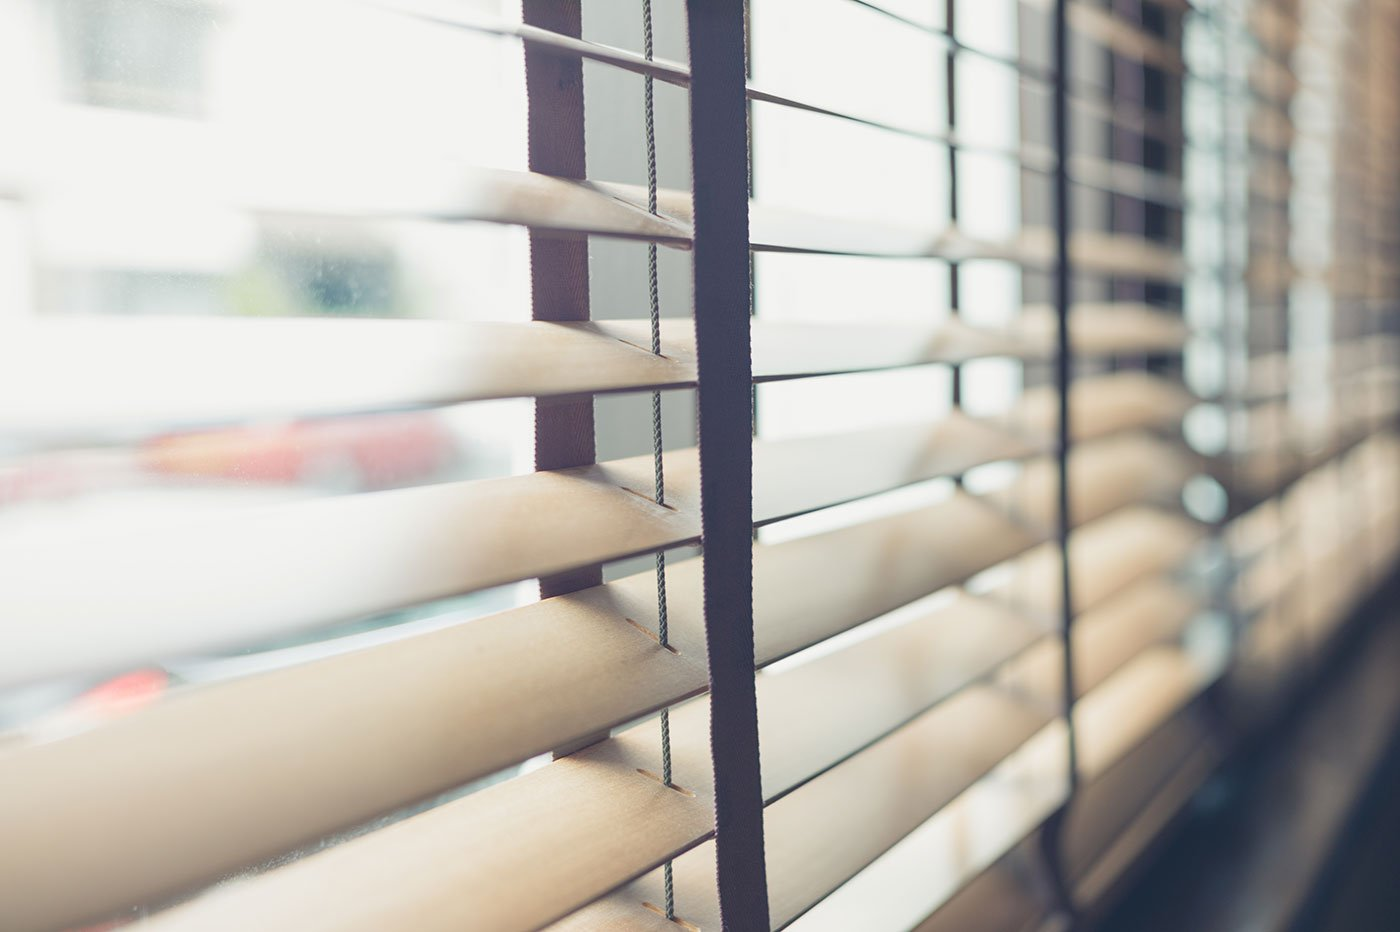 La luce del sole attraverso le veneziane alla finestra